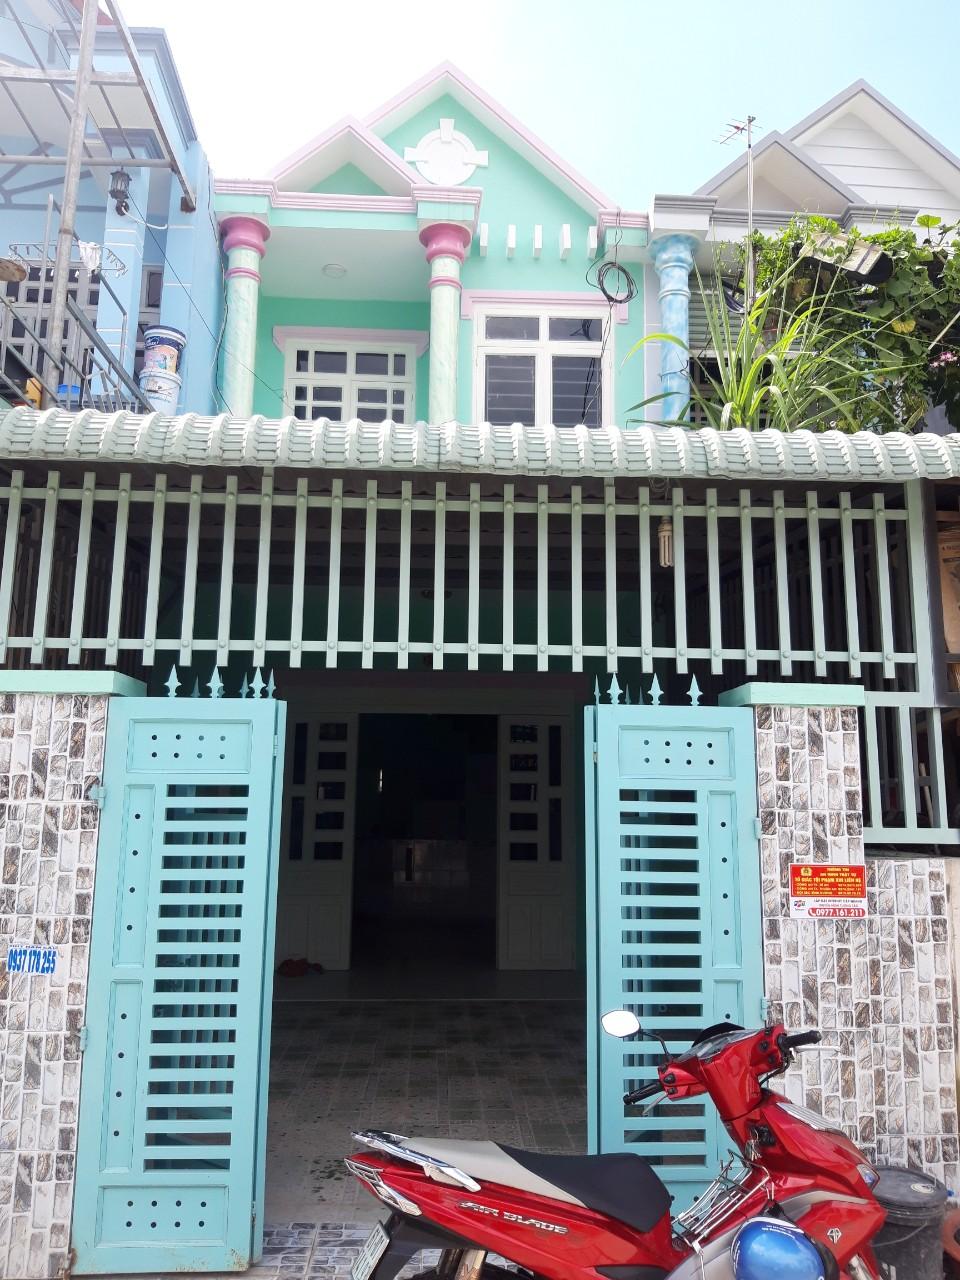 Bán nhà Dĩ An 1 lầu 1 trệt  phường Tân Đông Hiệp Dĩ An sổ hồng riêng phường Tân Đông Hiệp